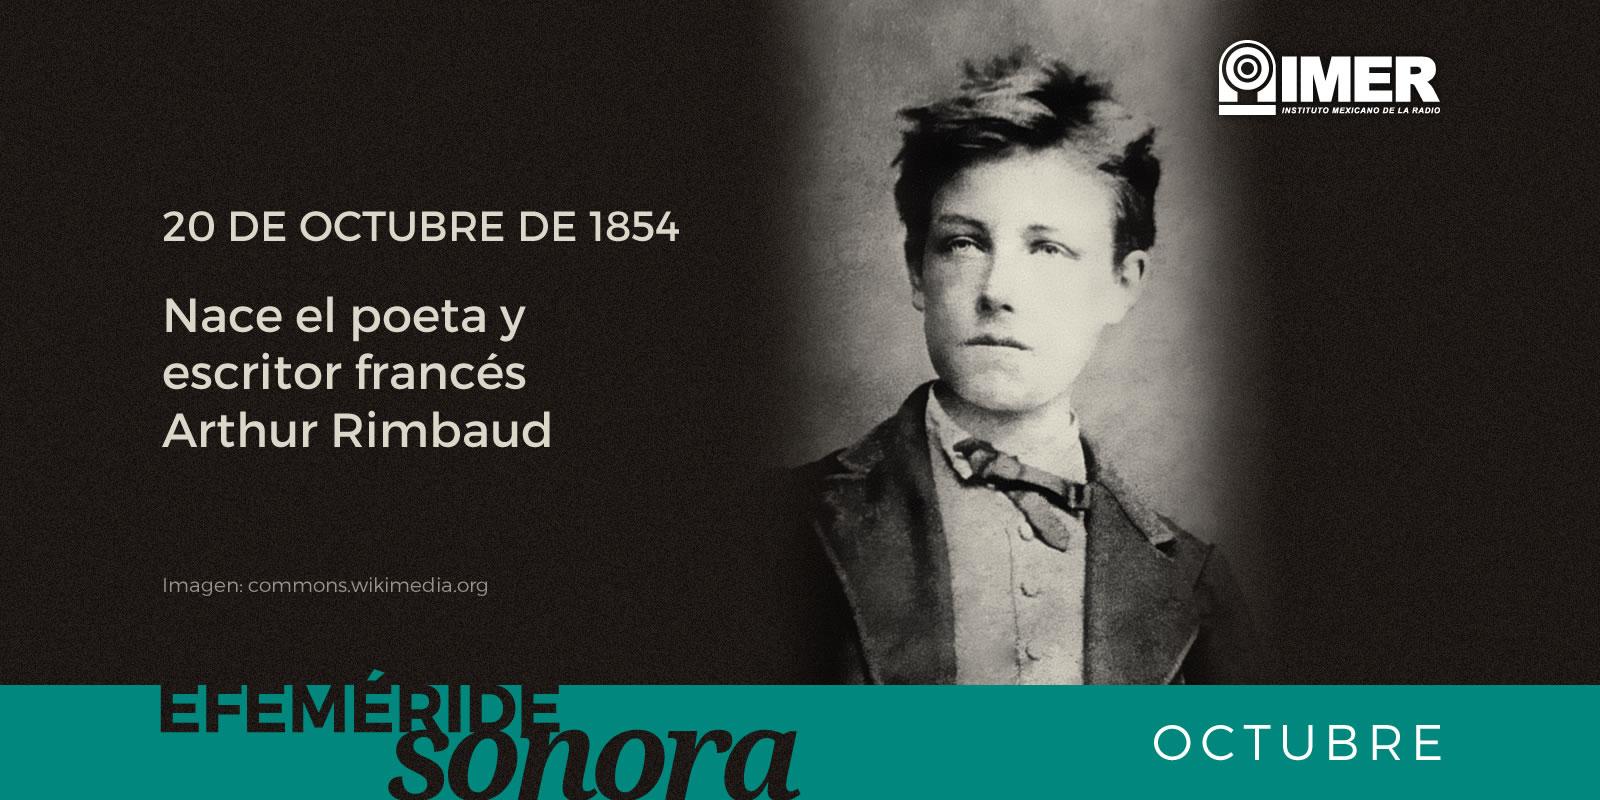 20 De Octubre De 1854 Nace El Poeta Y Escritor Frances Arthur